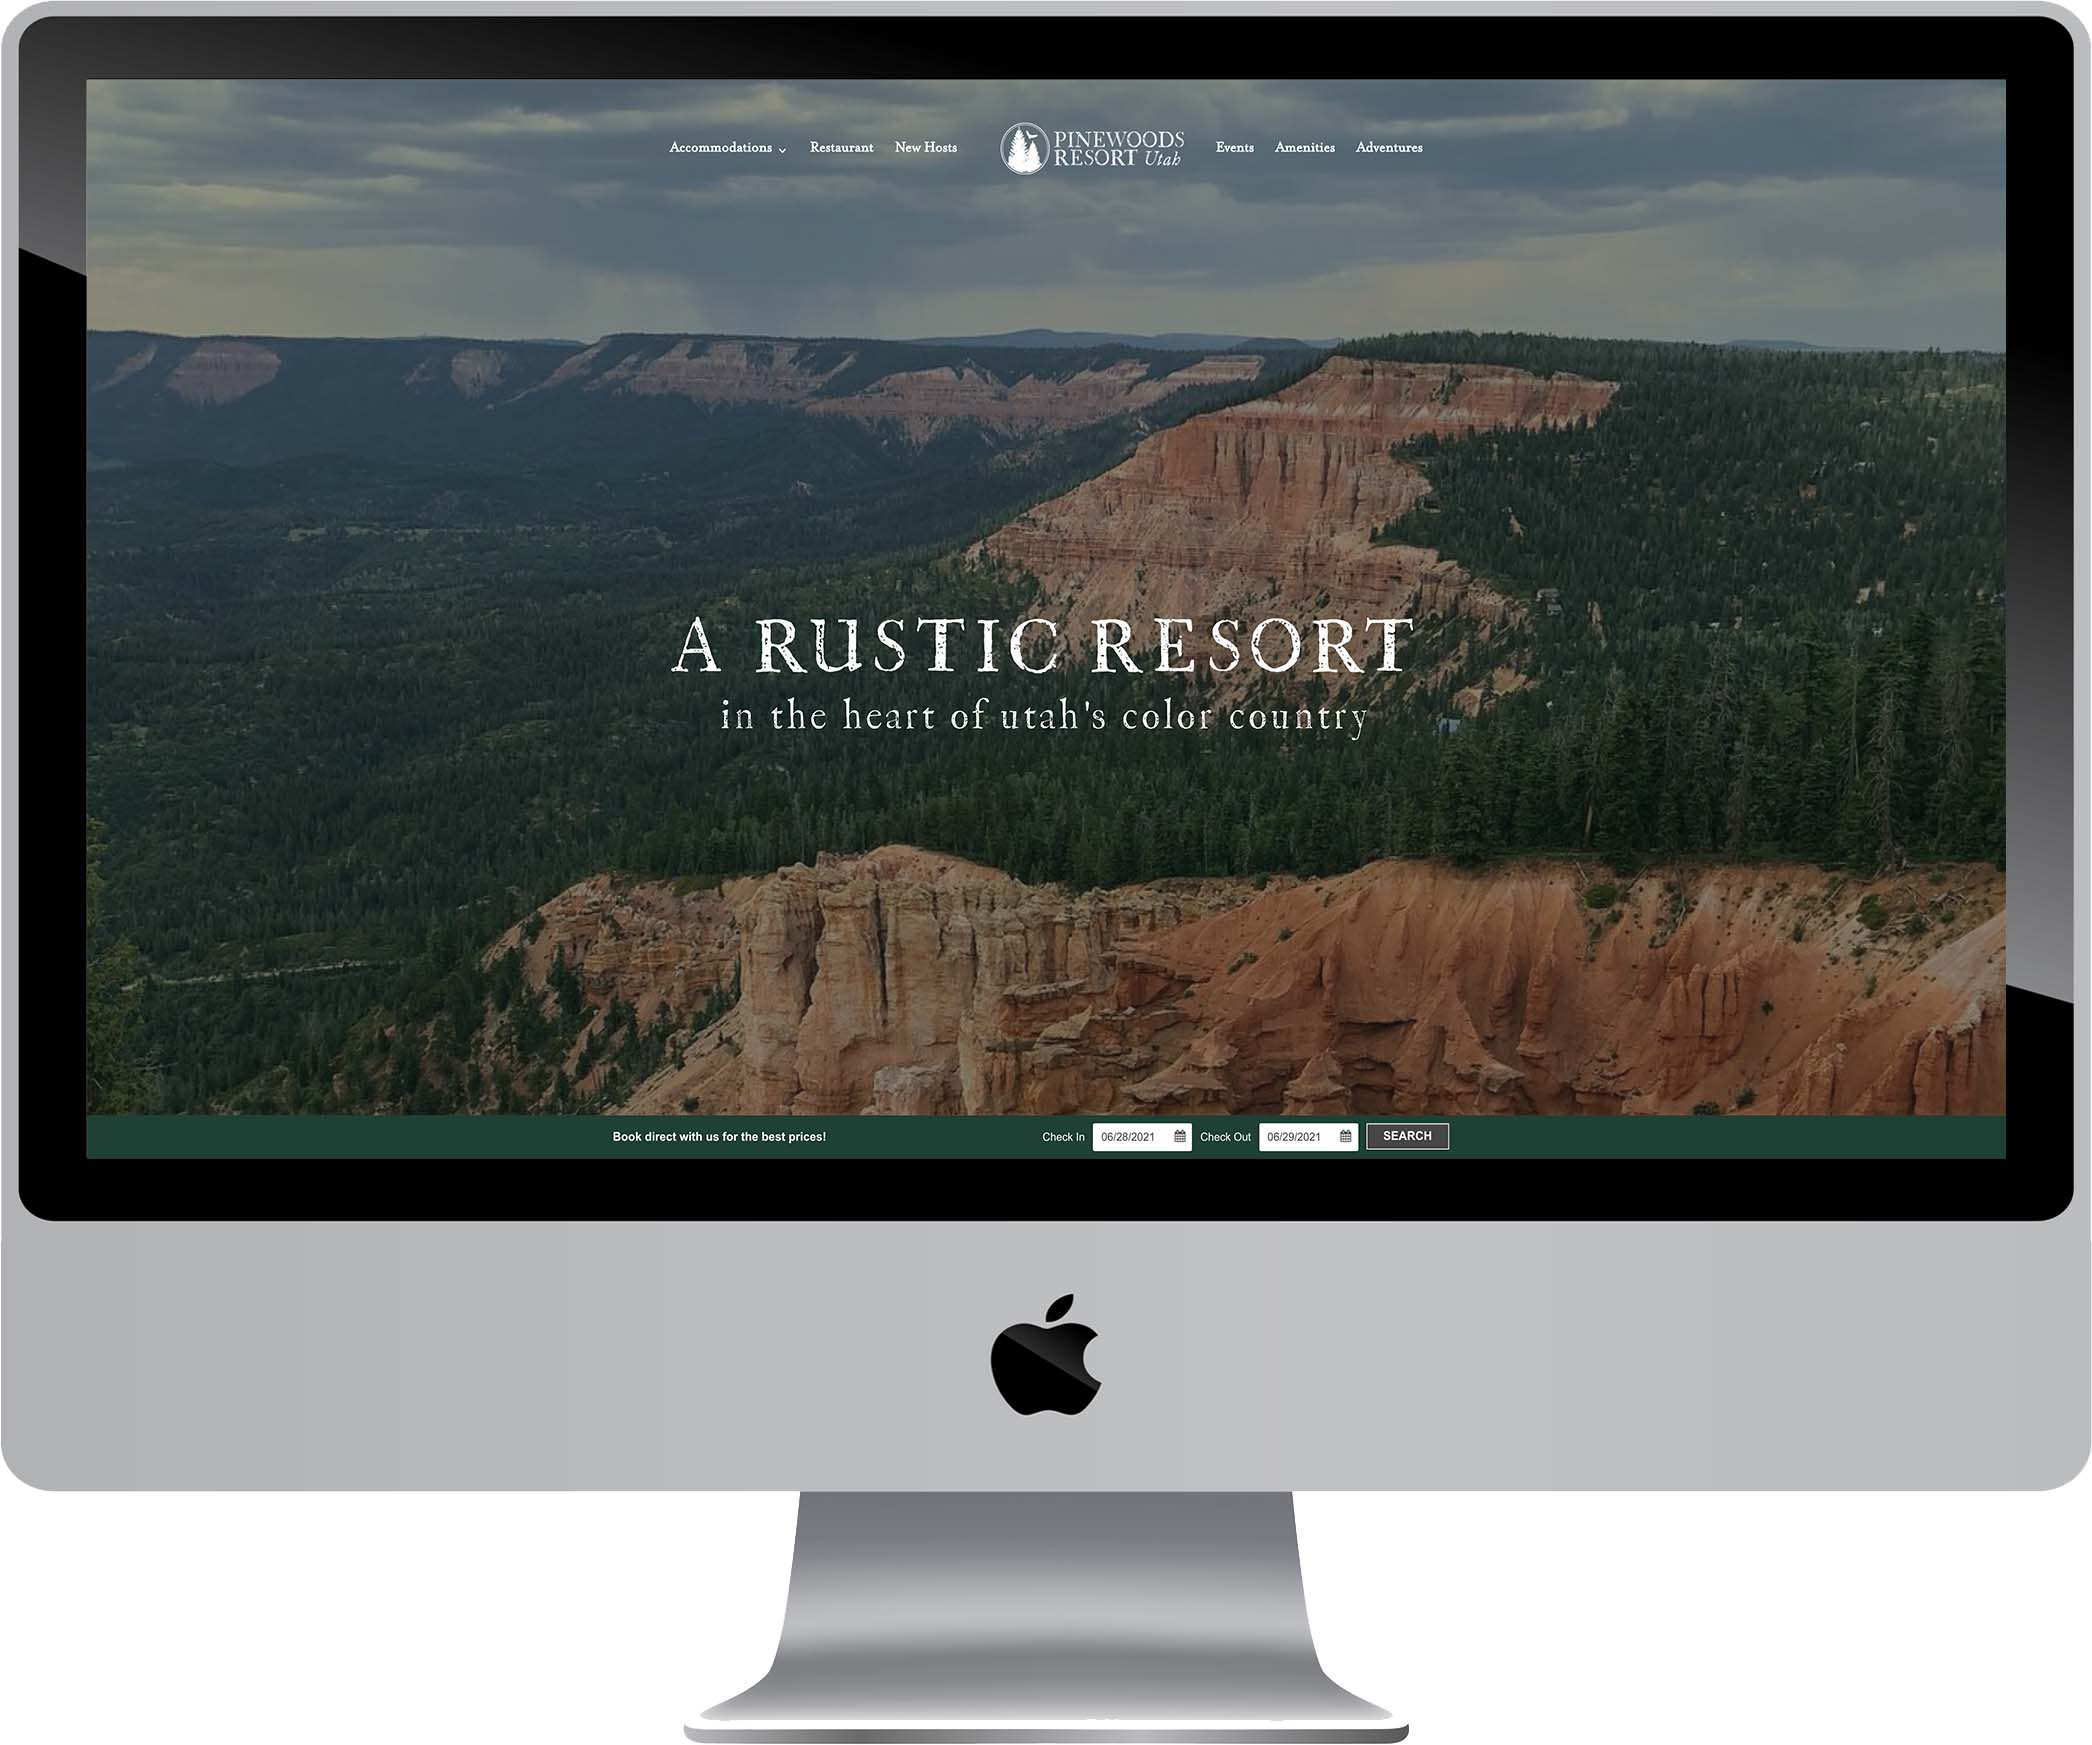 Pinewoods Resort Website Design